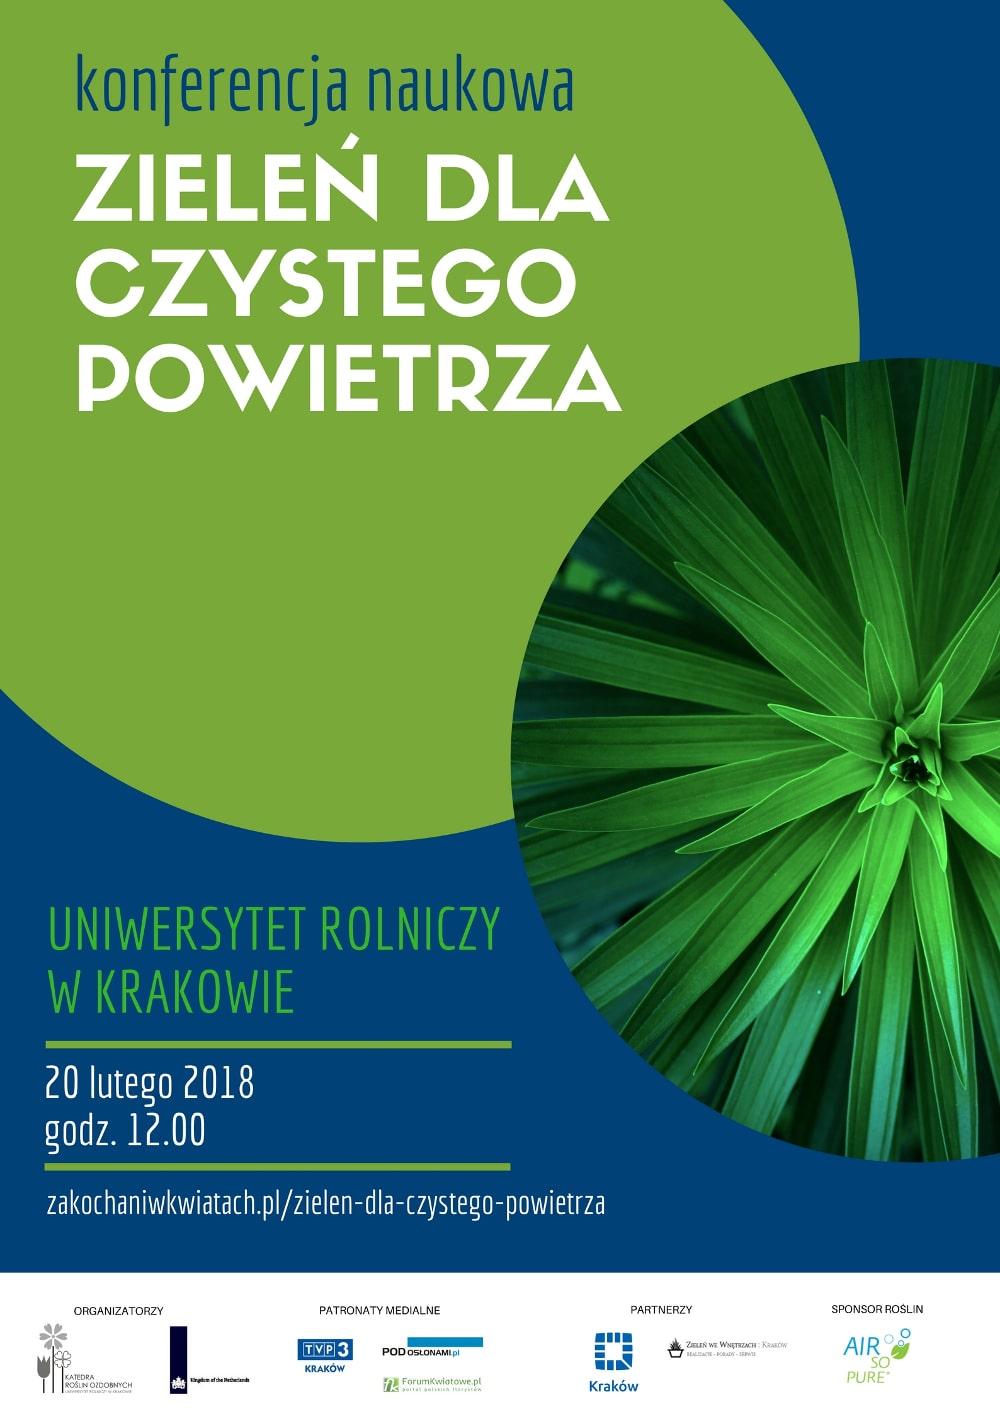 Konferencja naukowa organizowana jest przez Uniwersytet Rolniczy w Krakowie.